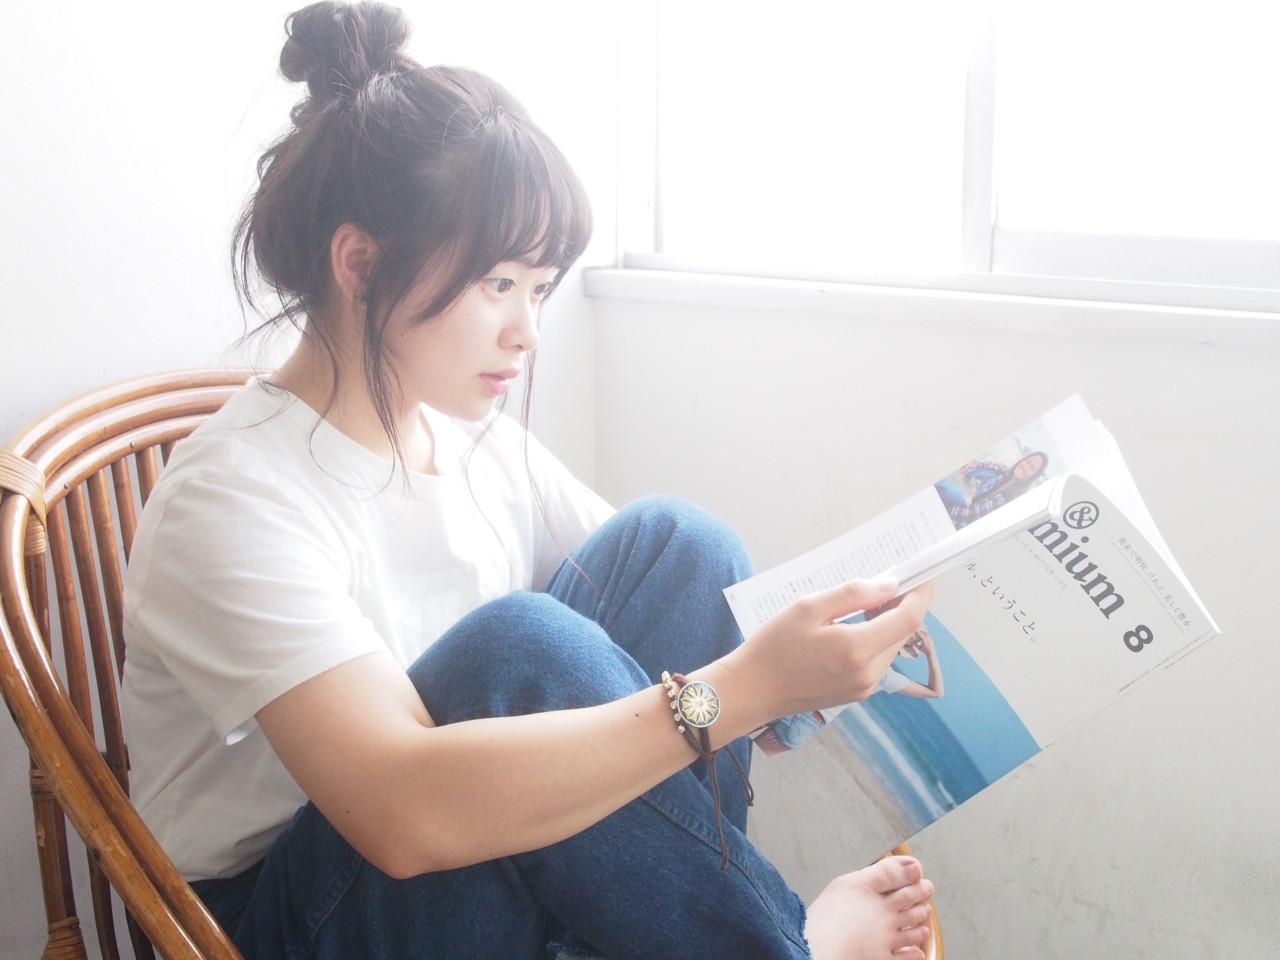 簡単アレンジの定番!お団子ヘアの作り方を初心者向け〜進化系まで♡ Asuka